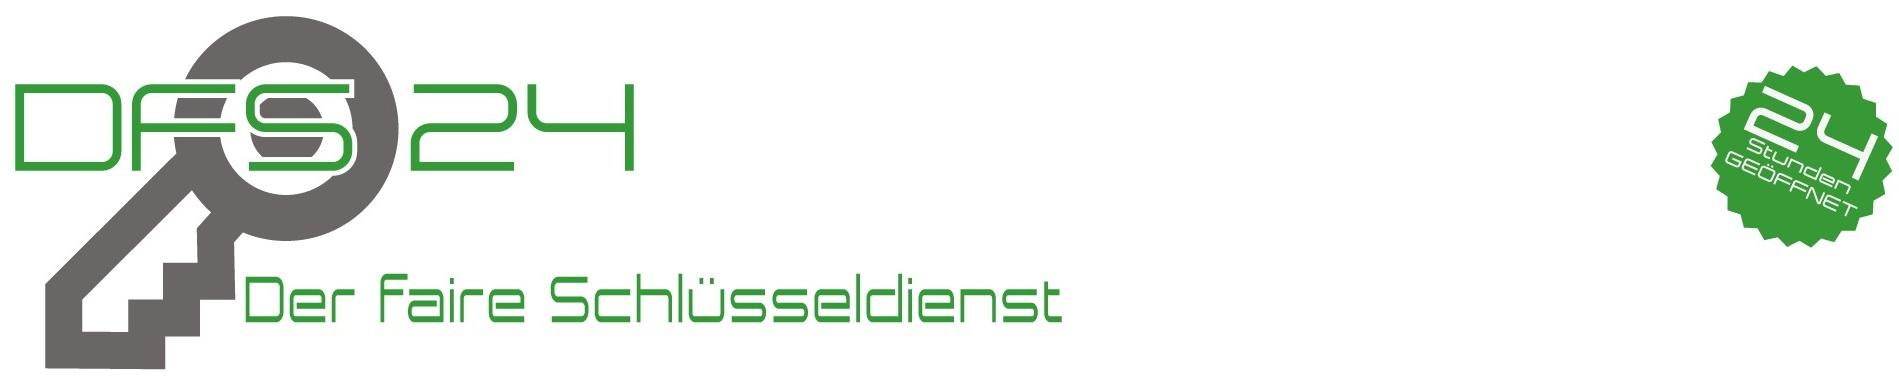 schlüsseldienst rhede logo